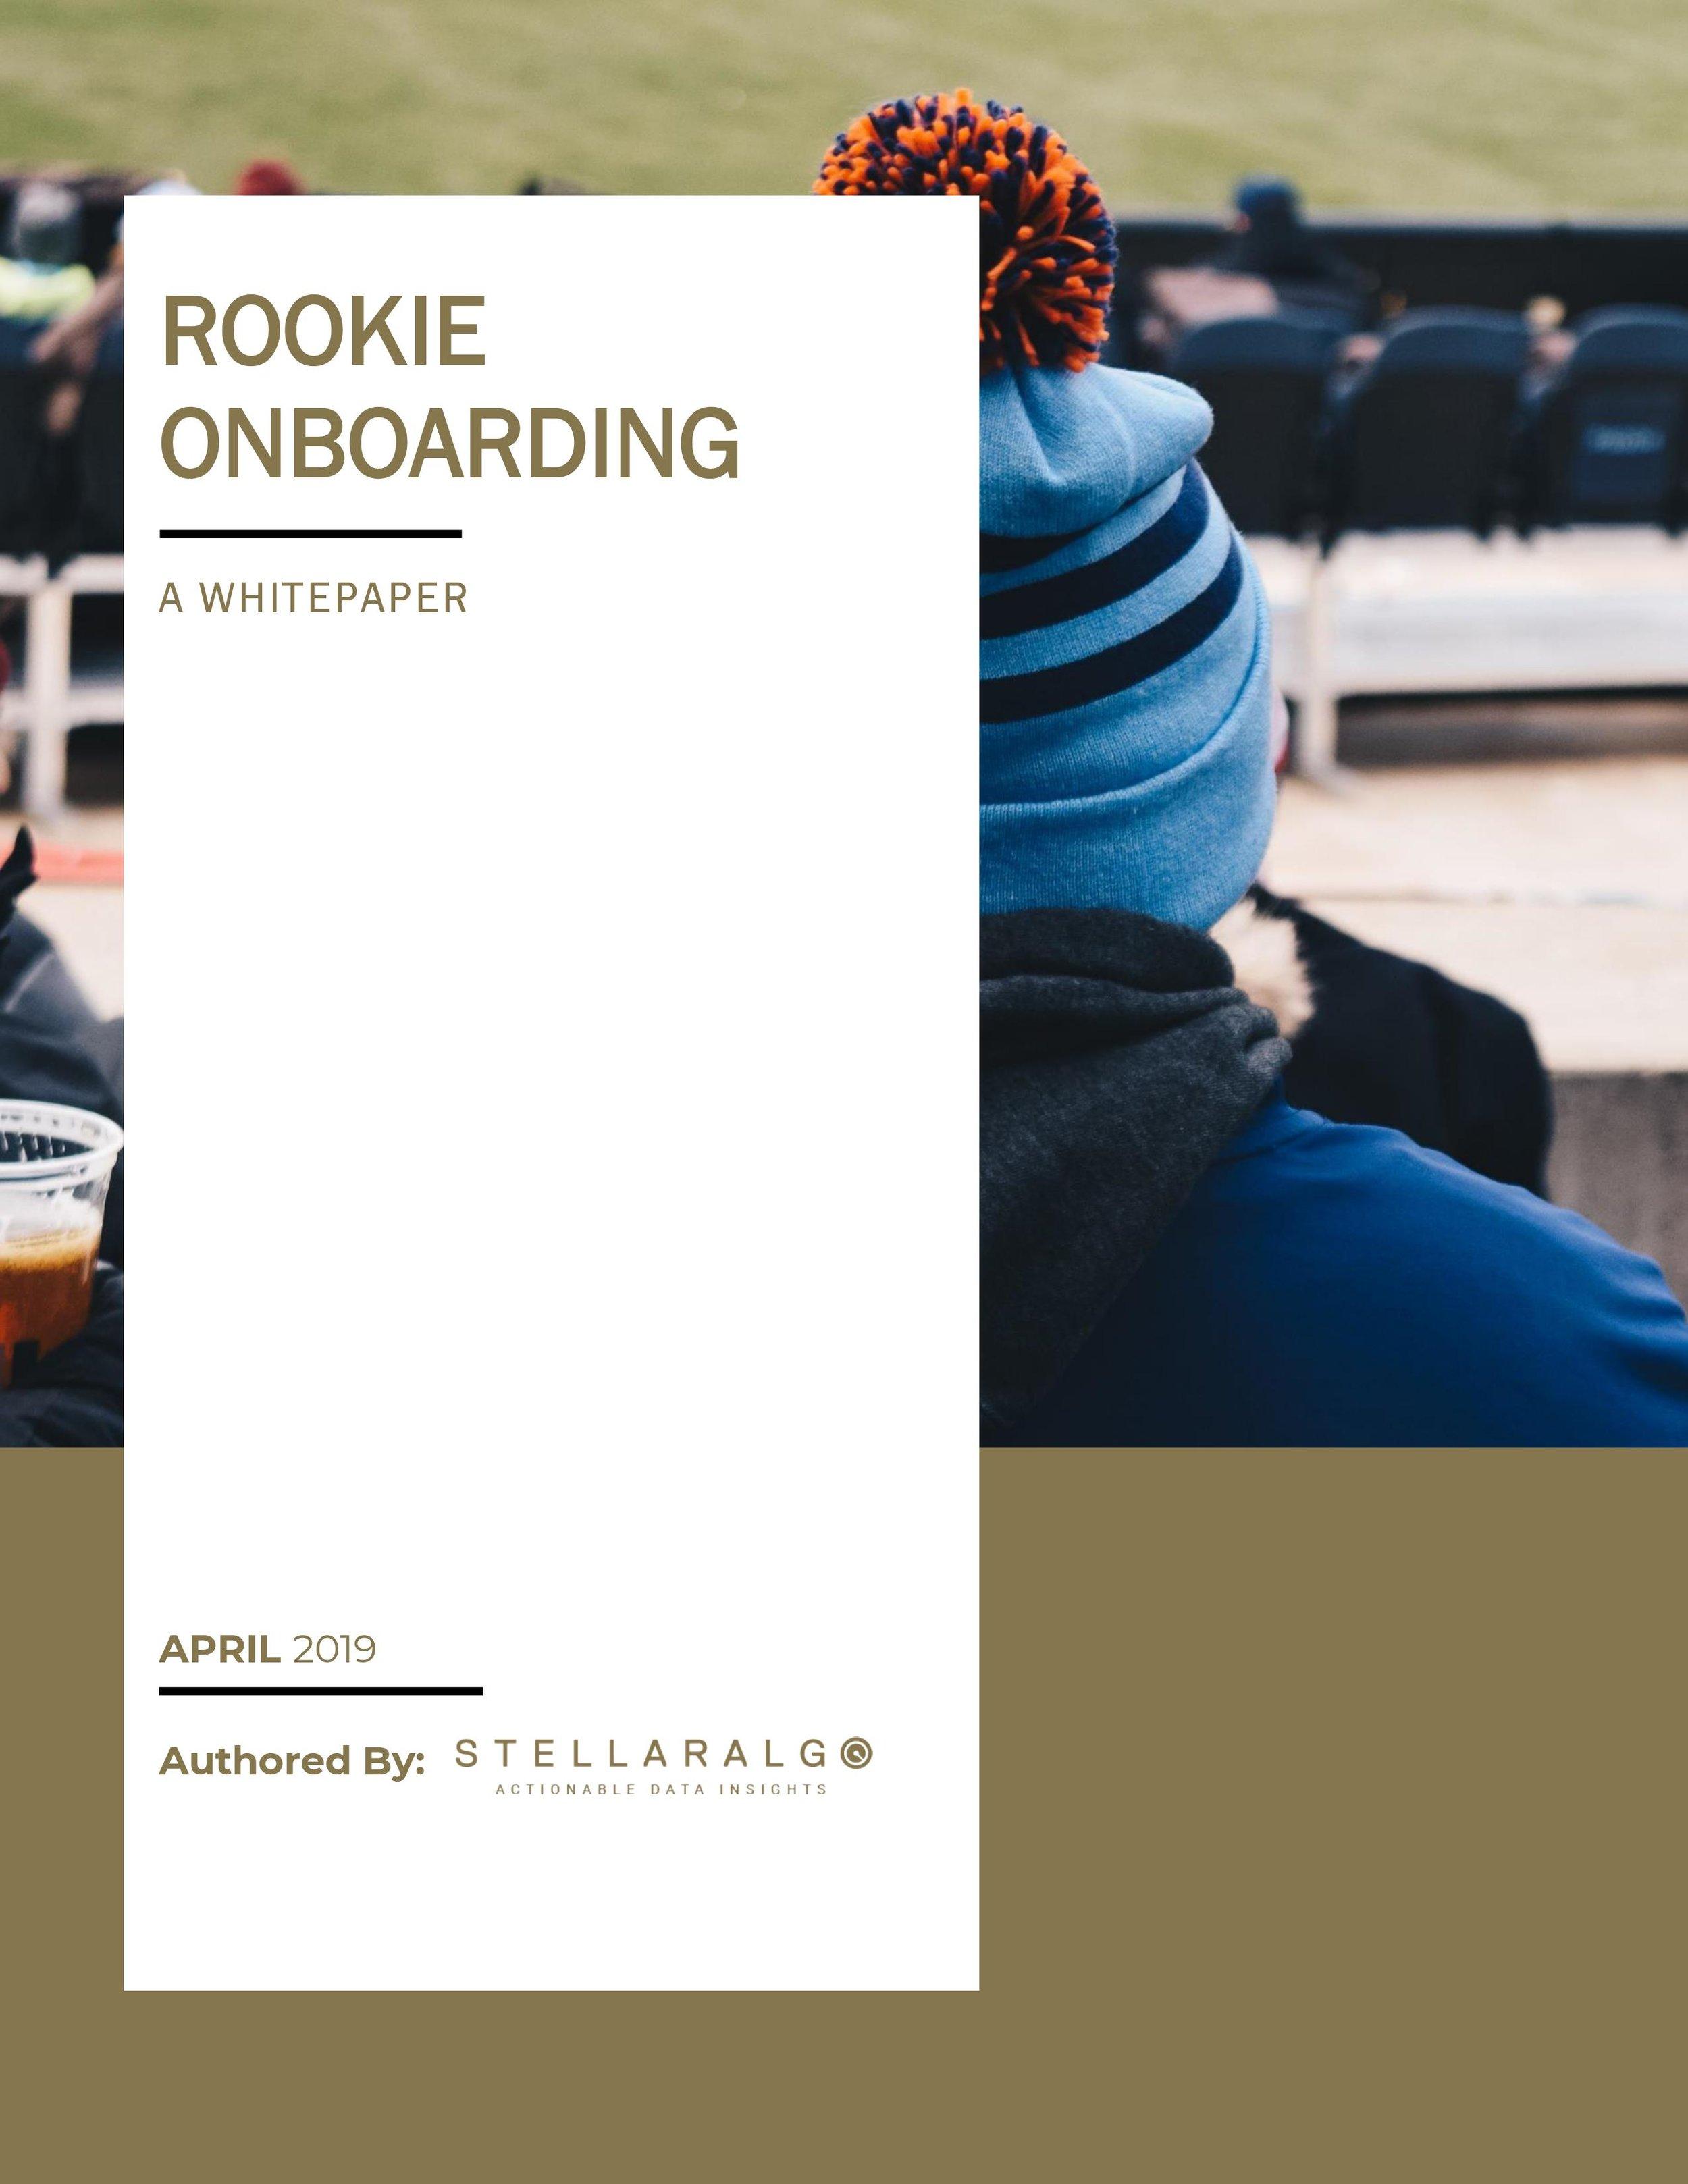 StellarAlgo - Rookie Onboarding Whitepaper.jpg